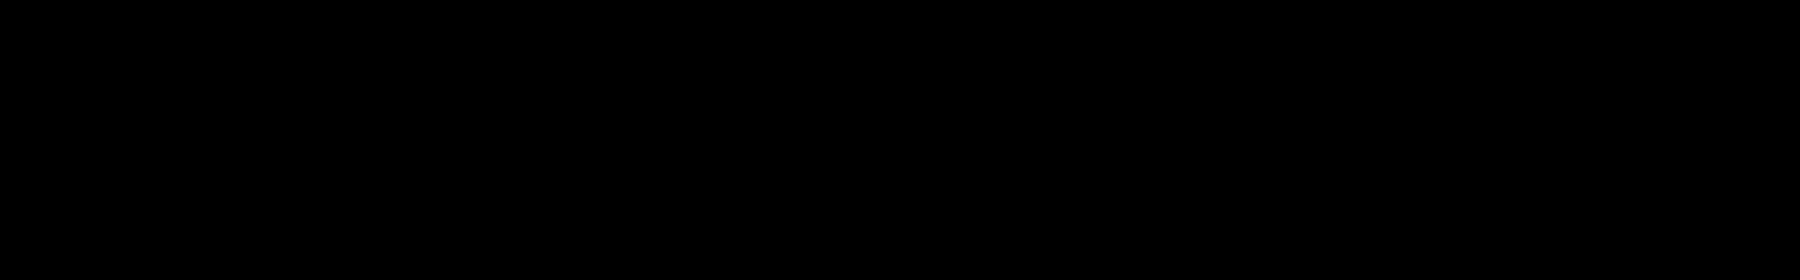 Blvckout Drill 3 audio waveform